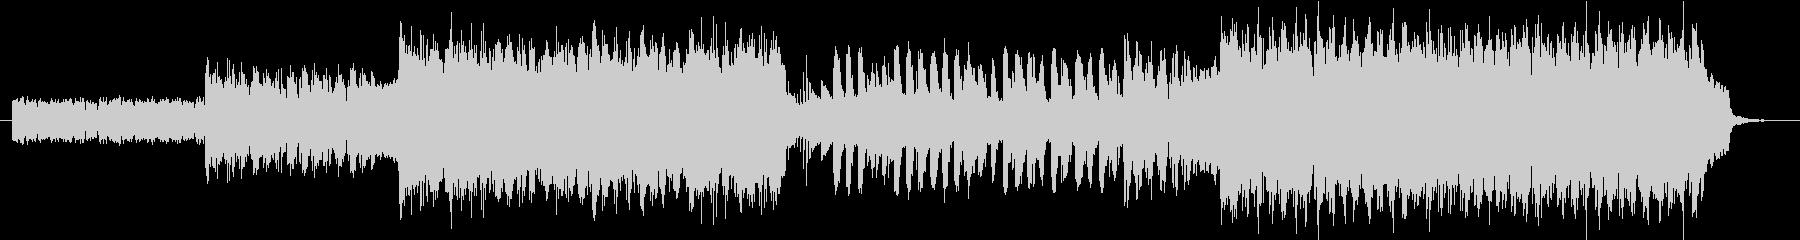 シンセと打ち込みのビートポップスの未再生の波形